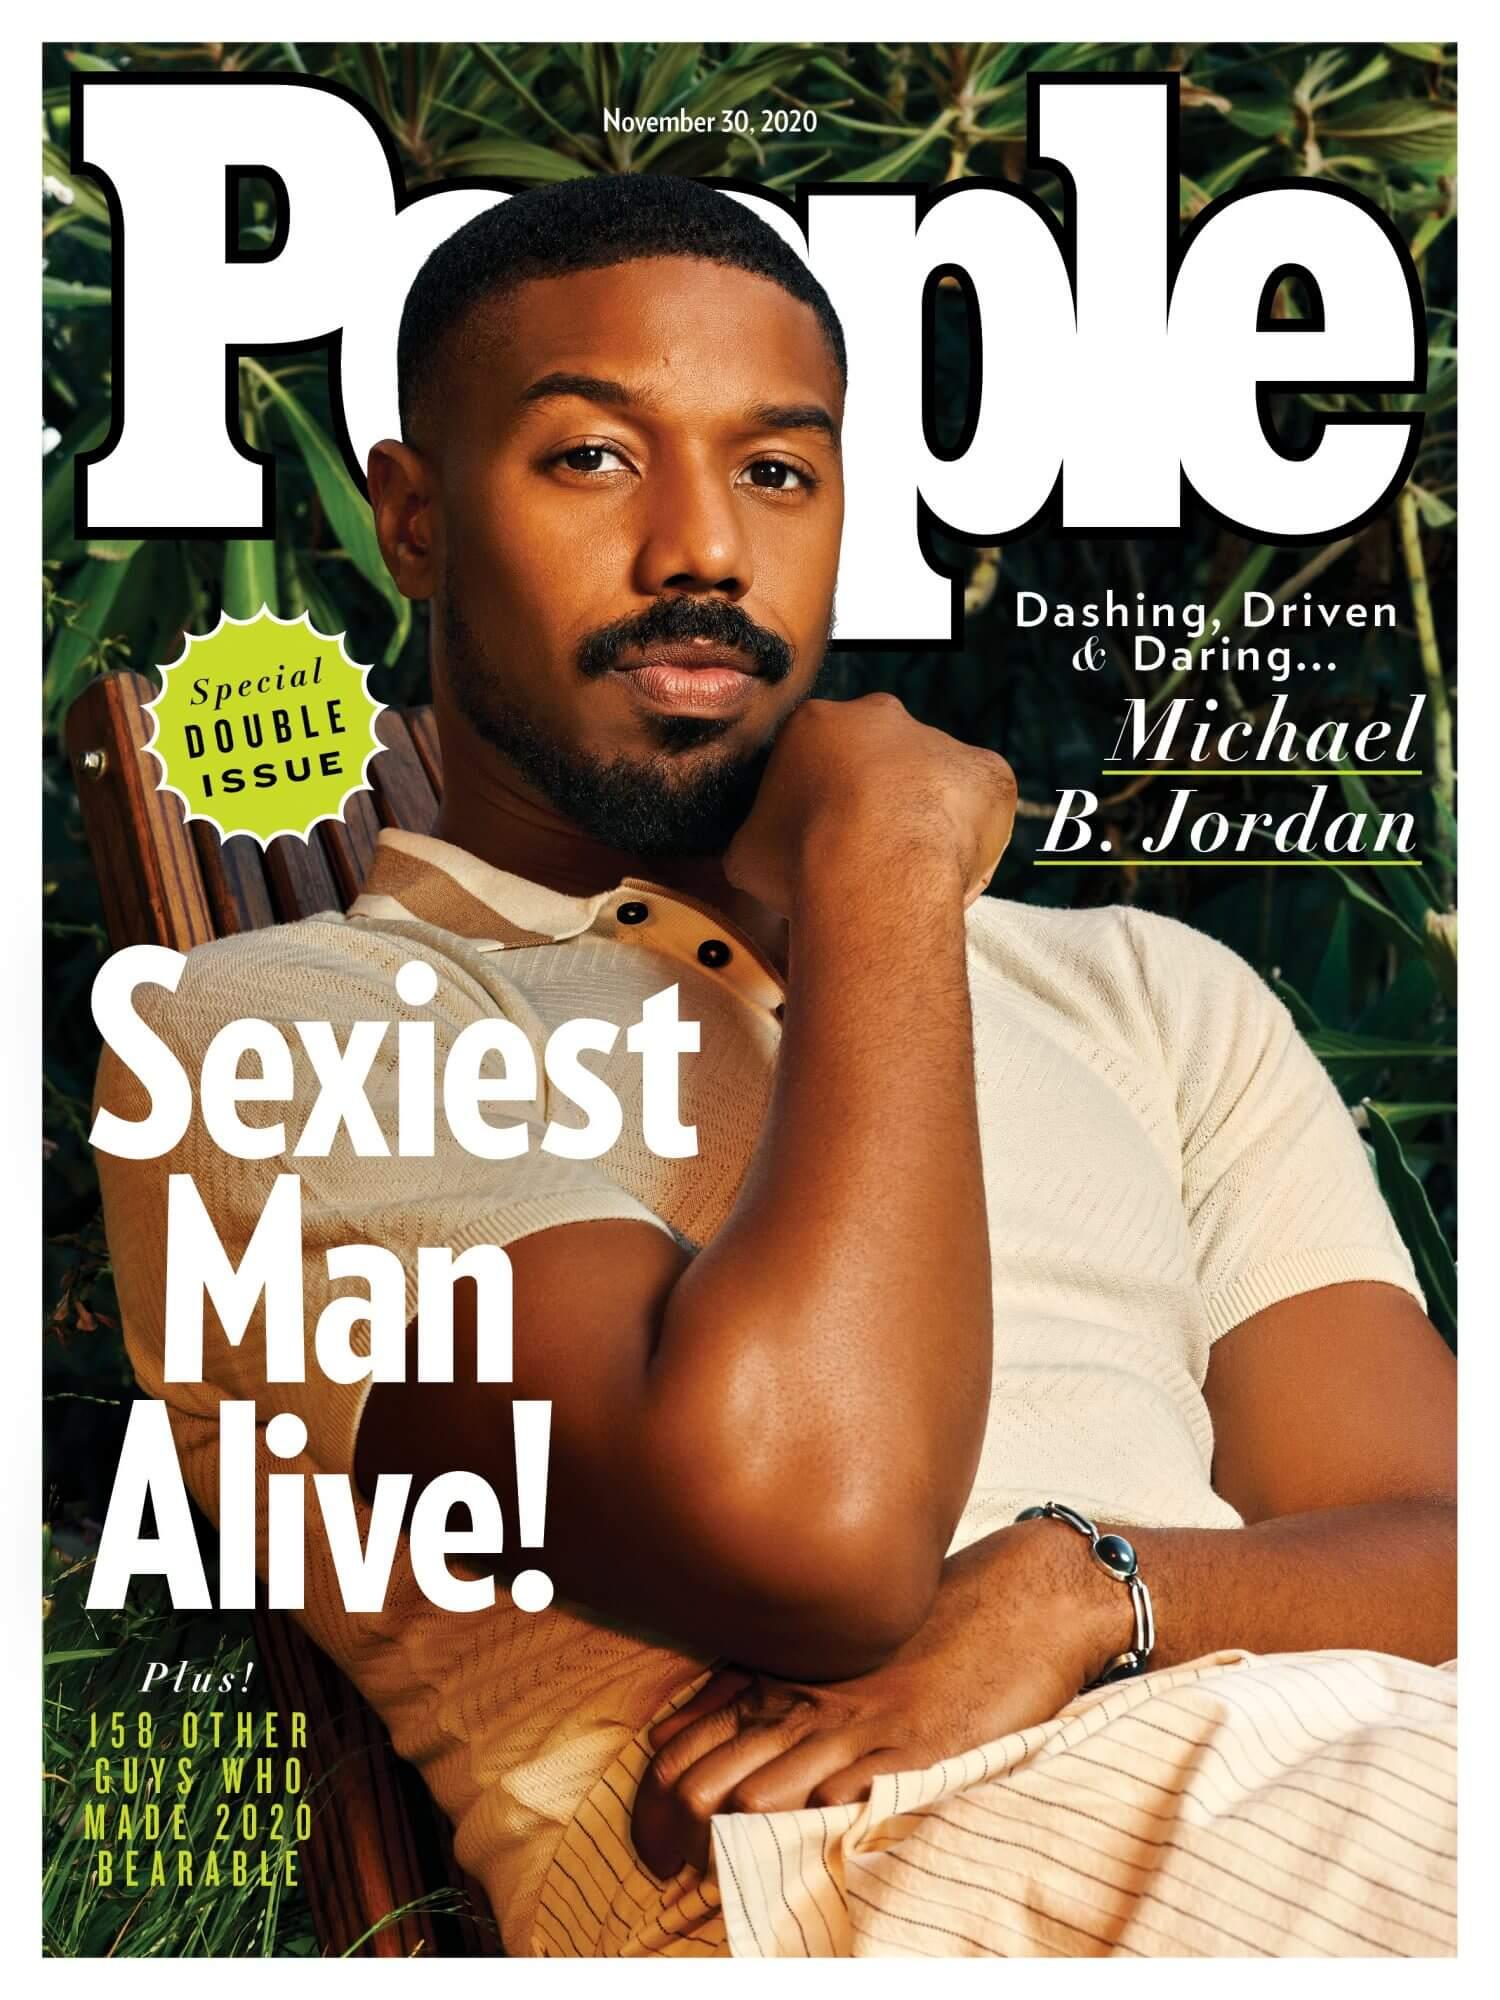 Назван самый сексуальный мужчина 2020 года по версии журнала PEOPLE-Фото 2